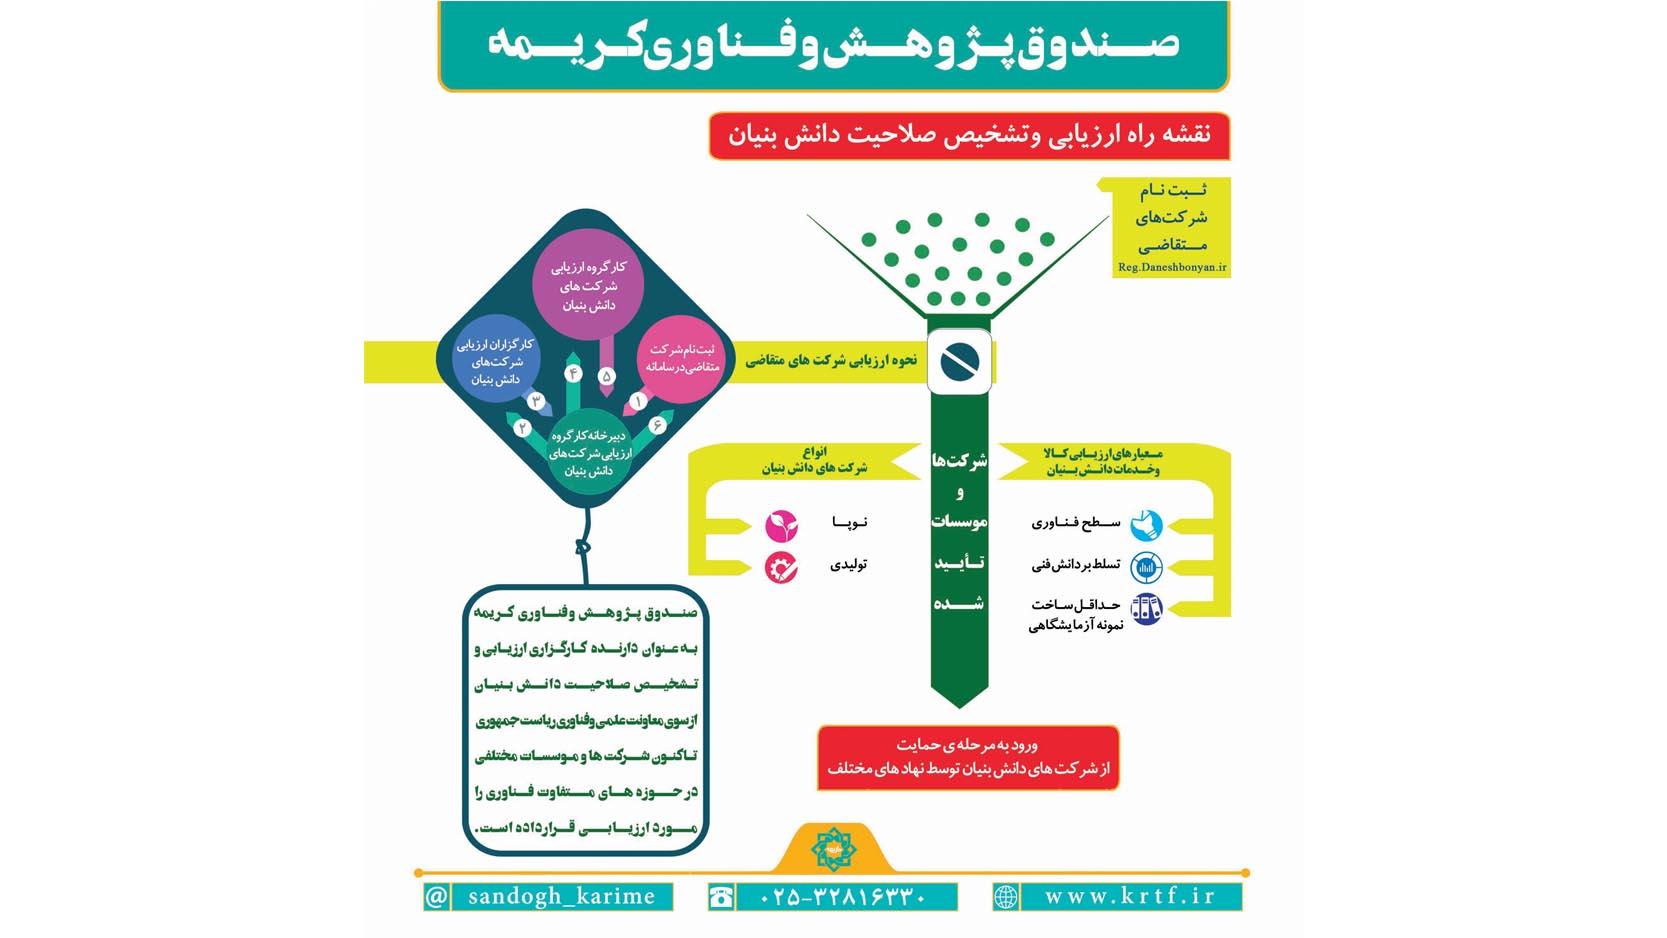 ارزیابی و تشخیص صلاحیت دانشبنیان